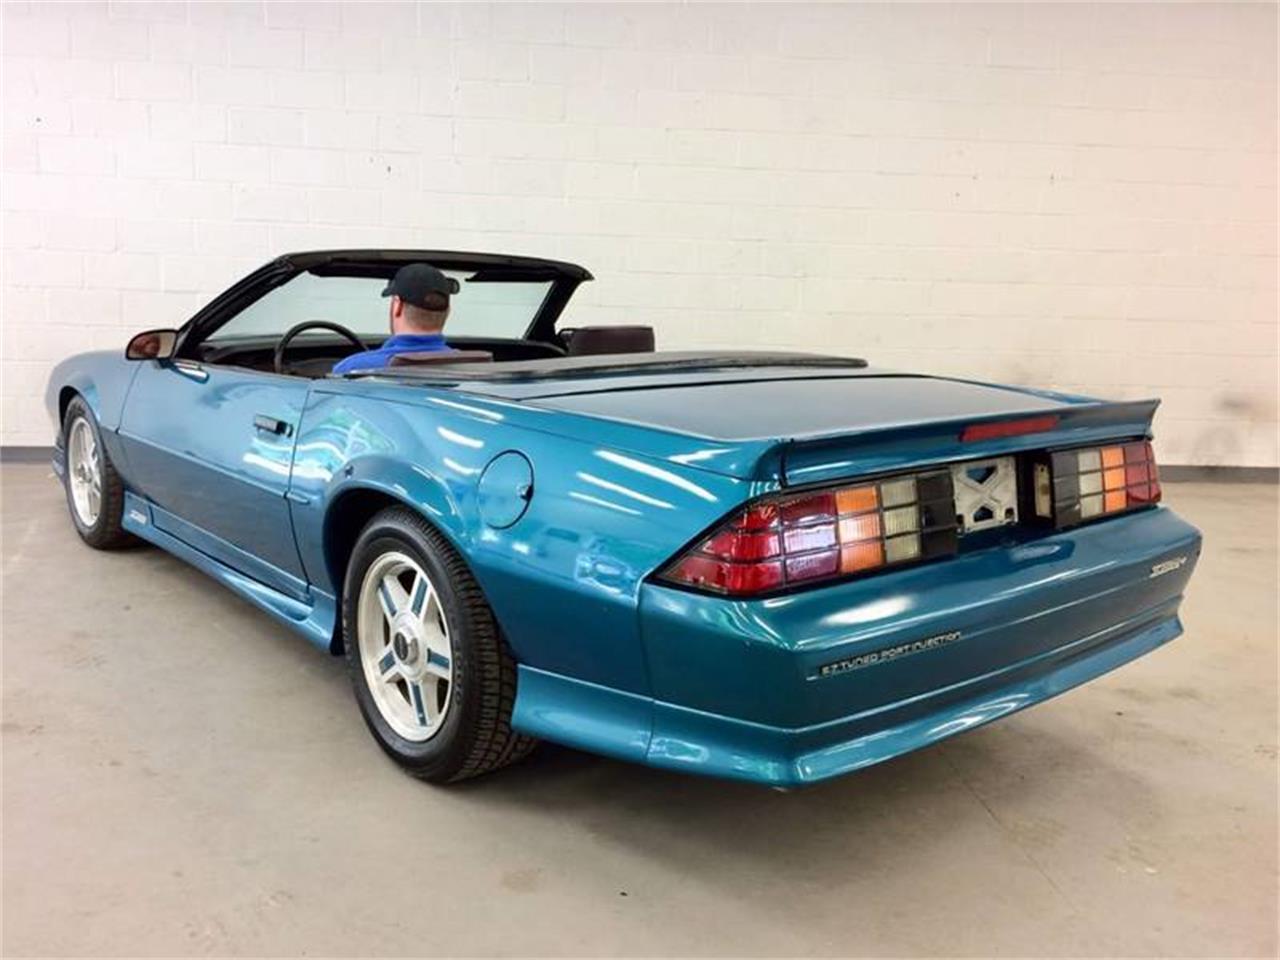 Large Picture of '92 Camaro - $12,995.00 - Q4F9